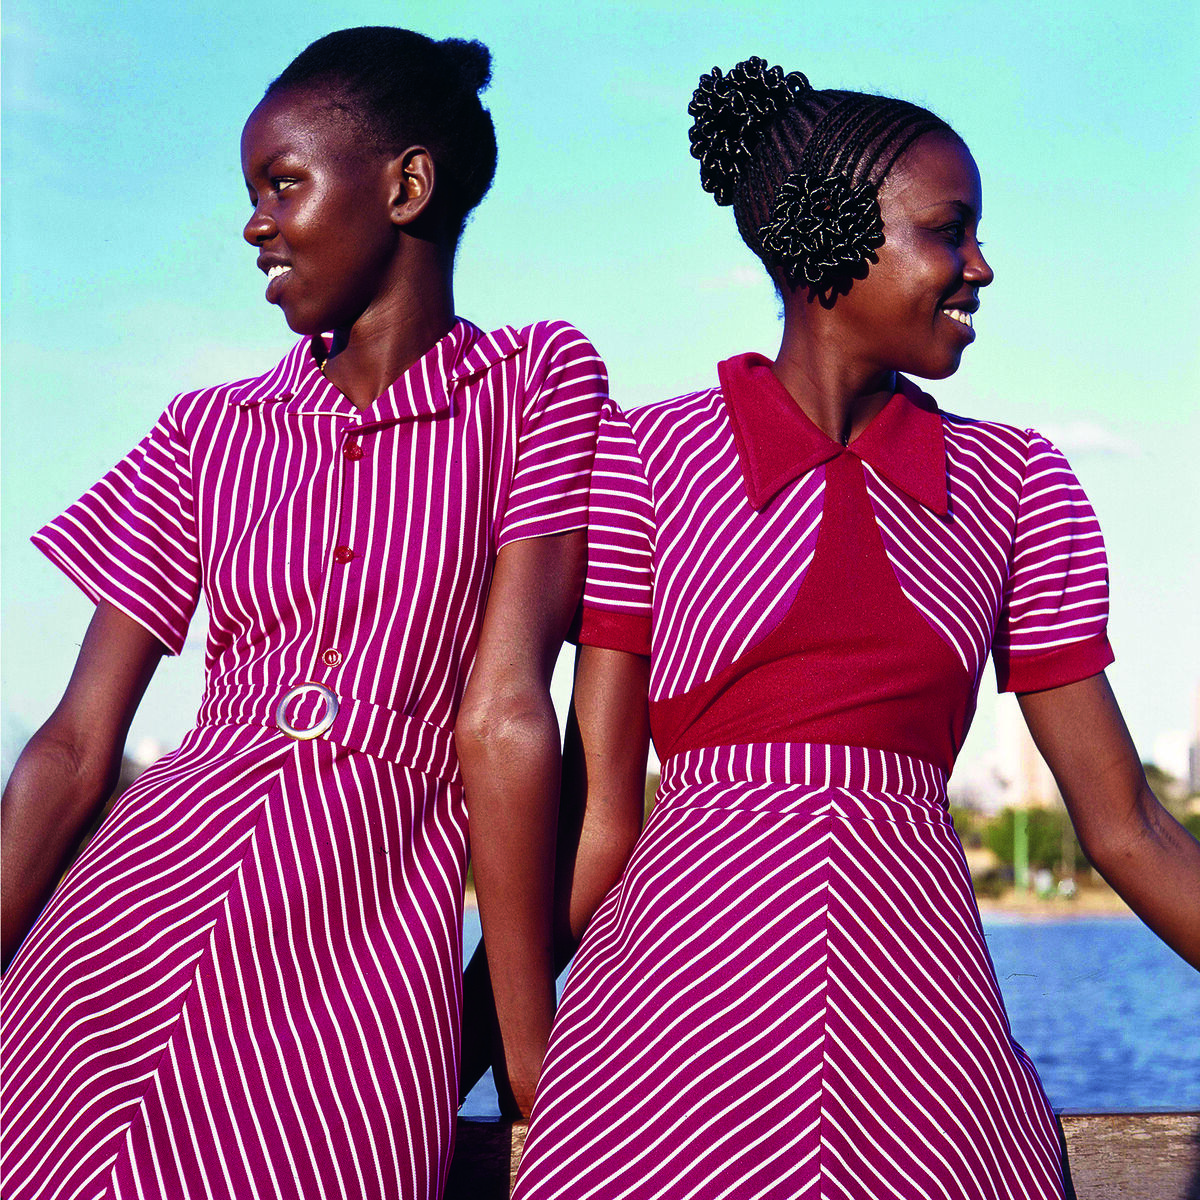 Priya Ramrakha, Fashion shoot for Raymonds clothing, Nairobi, Kenya, 1967. © Priya Ramrakha.